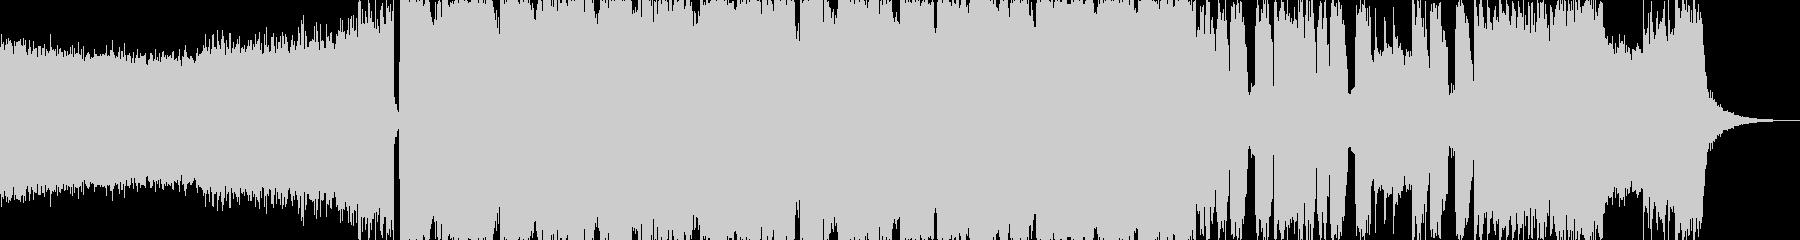 アグレッシブシネマティックヘヴィロックbの未再生の波形